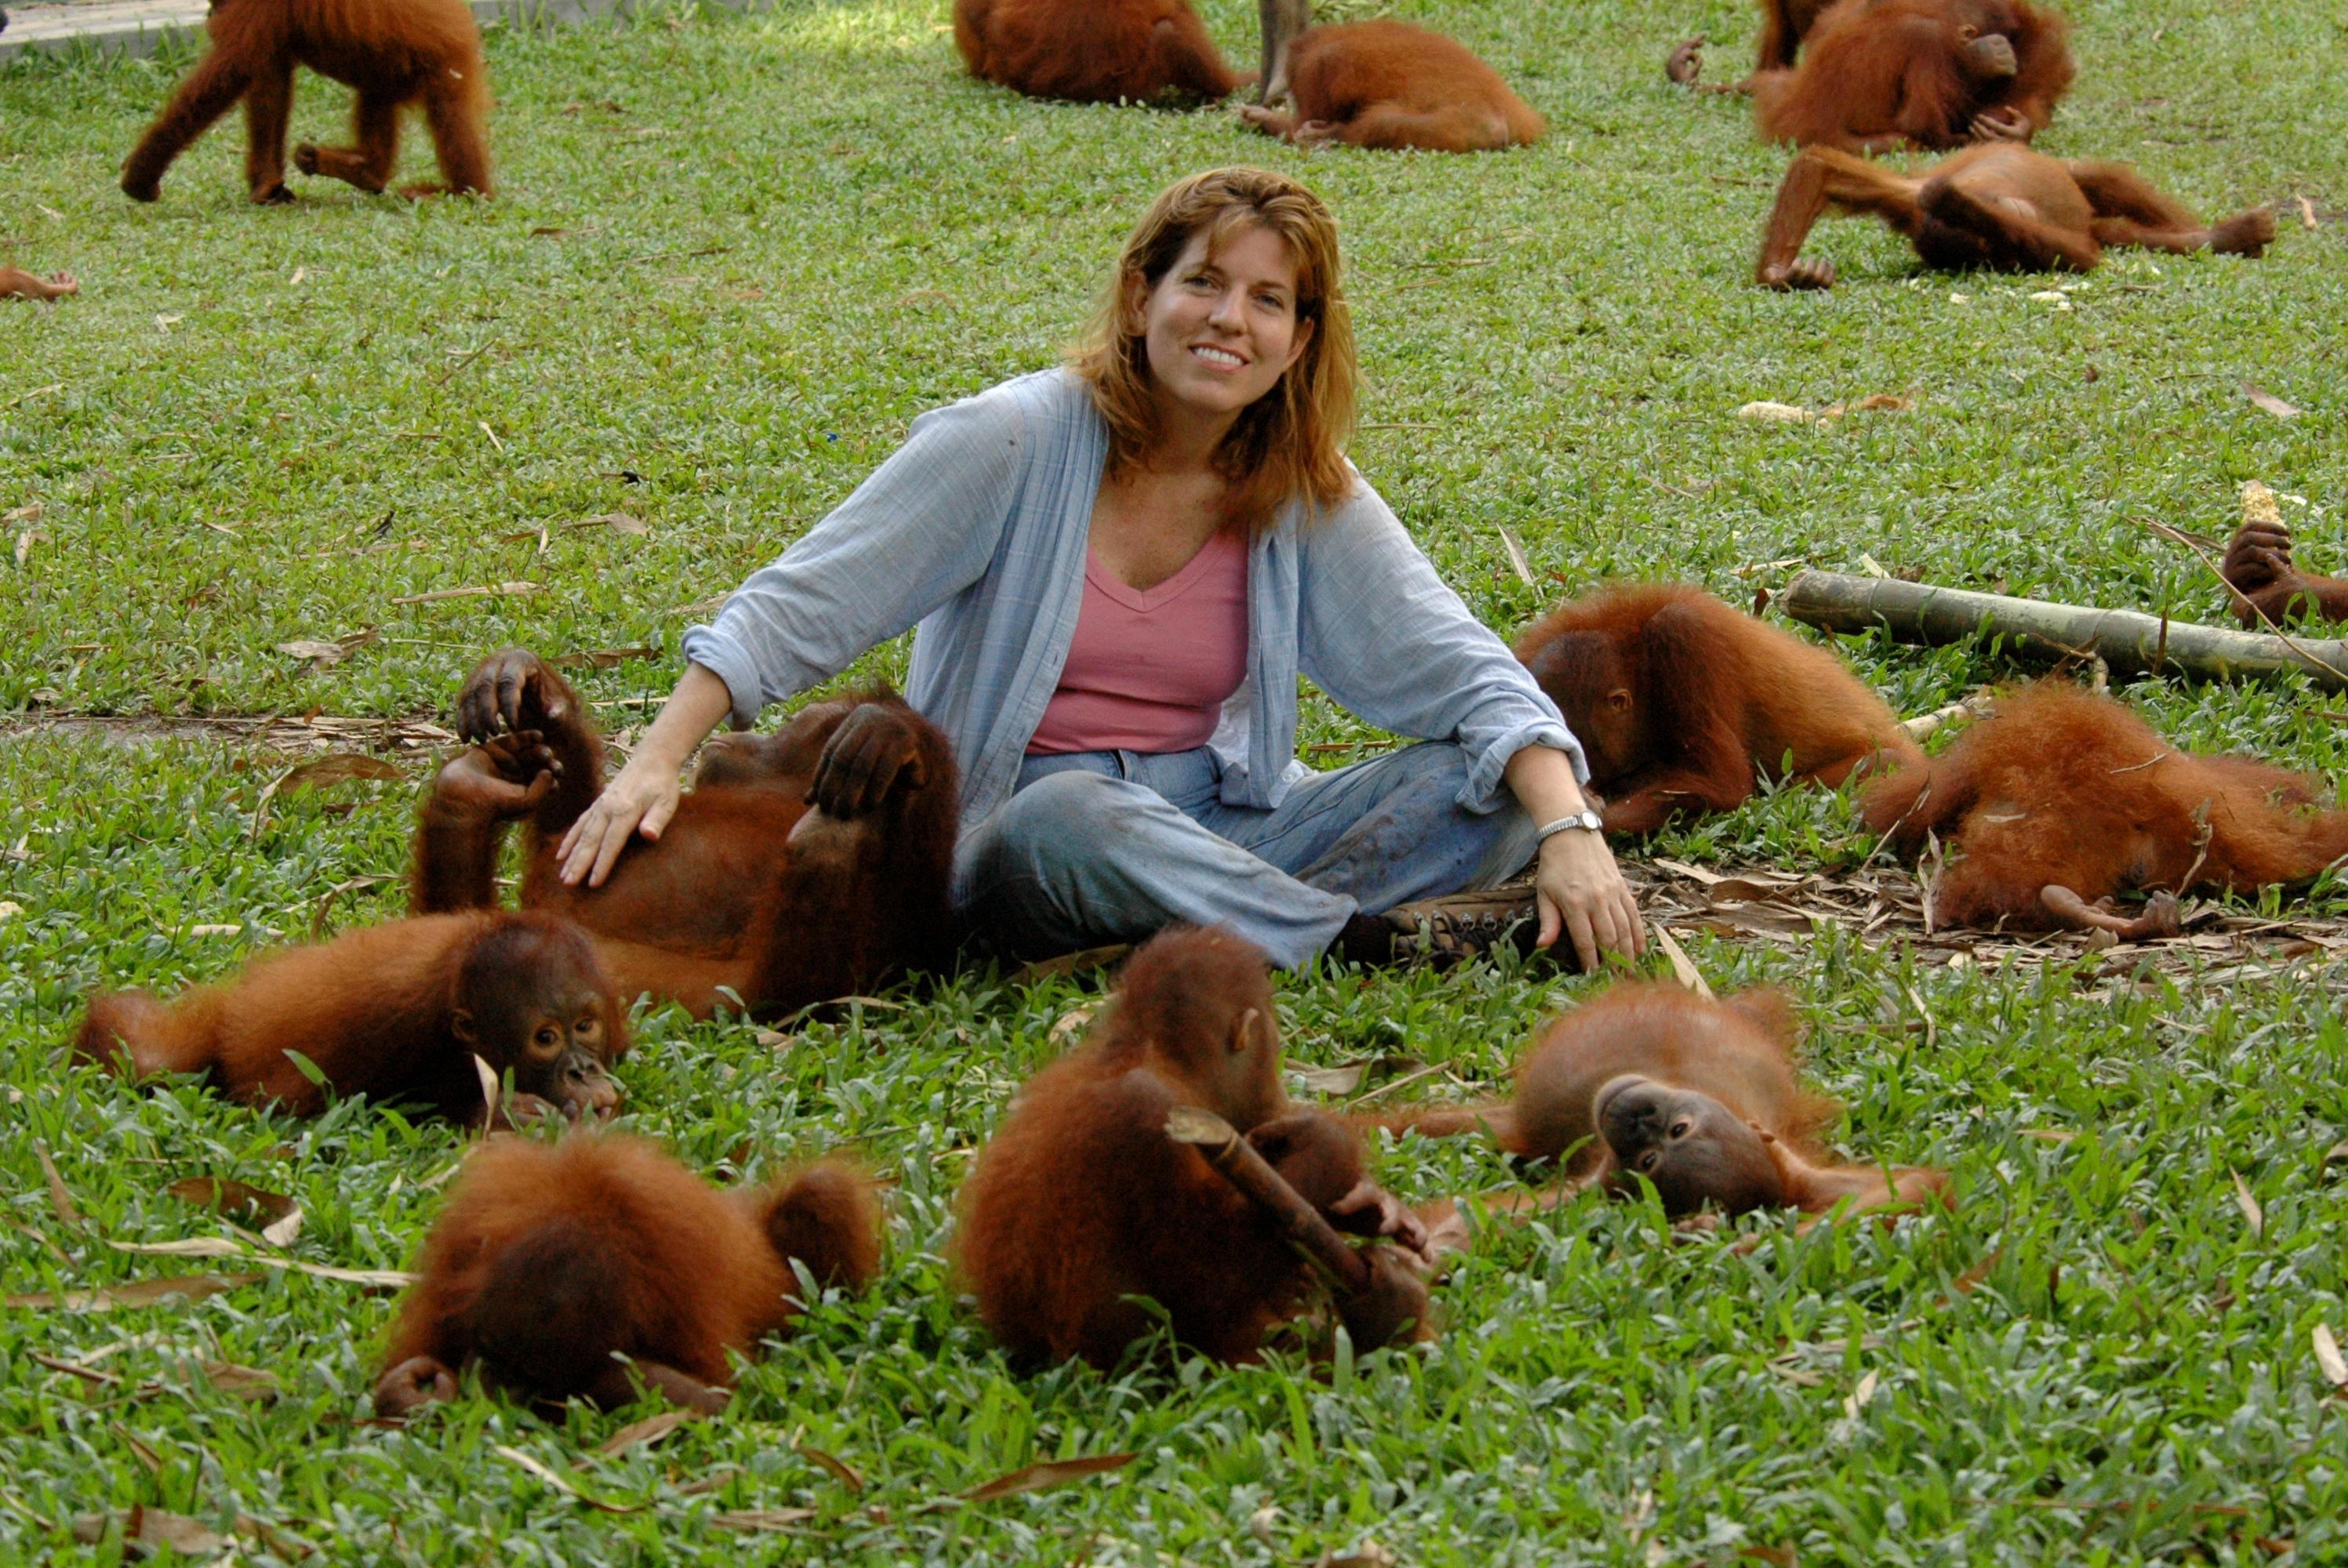 La mentira de los orangutanes